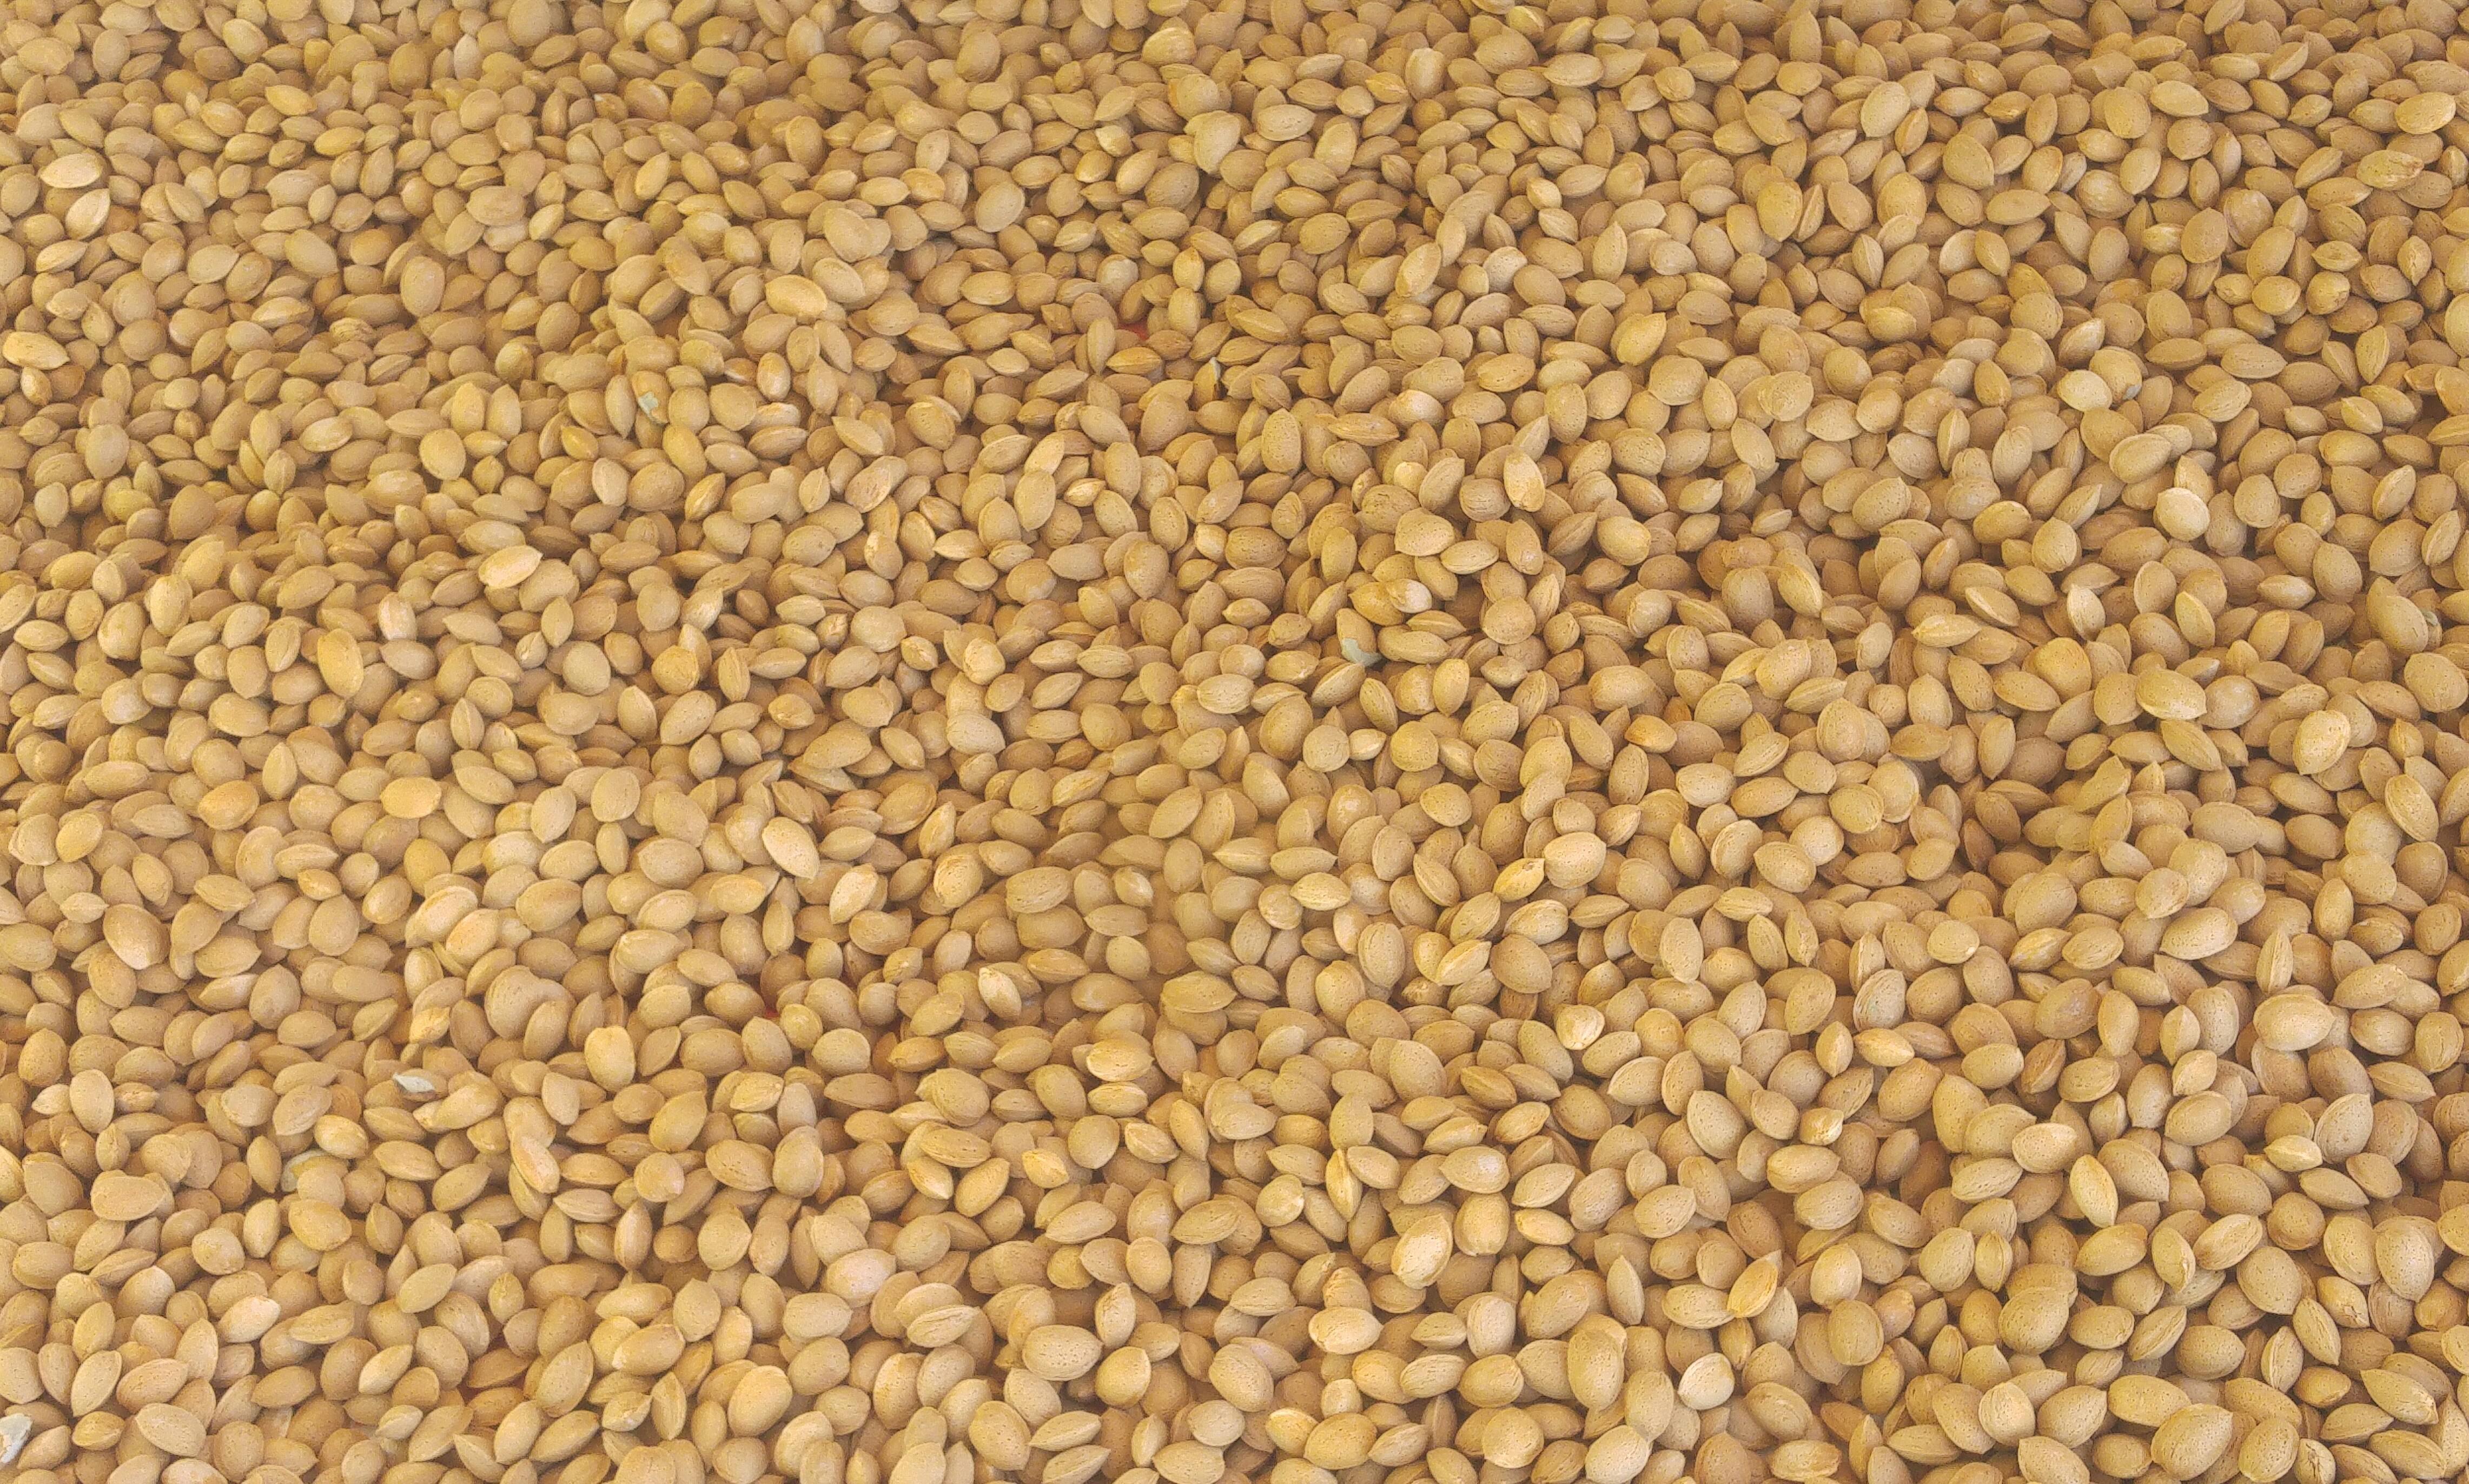 Kabuklu Badem - Üretici Bayram Türk 20 tl fiyat ile 400 kilogram kabuklu badem  satmak istiyor